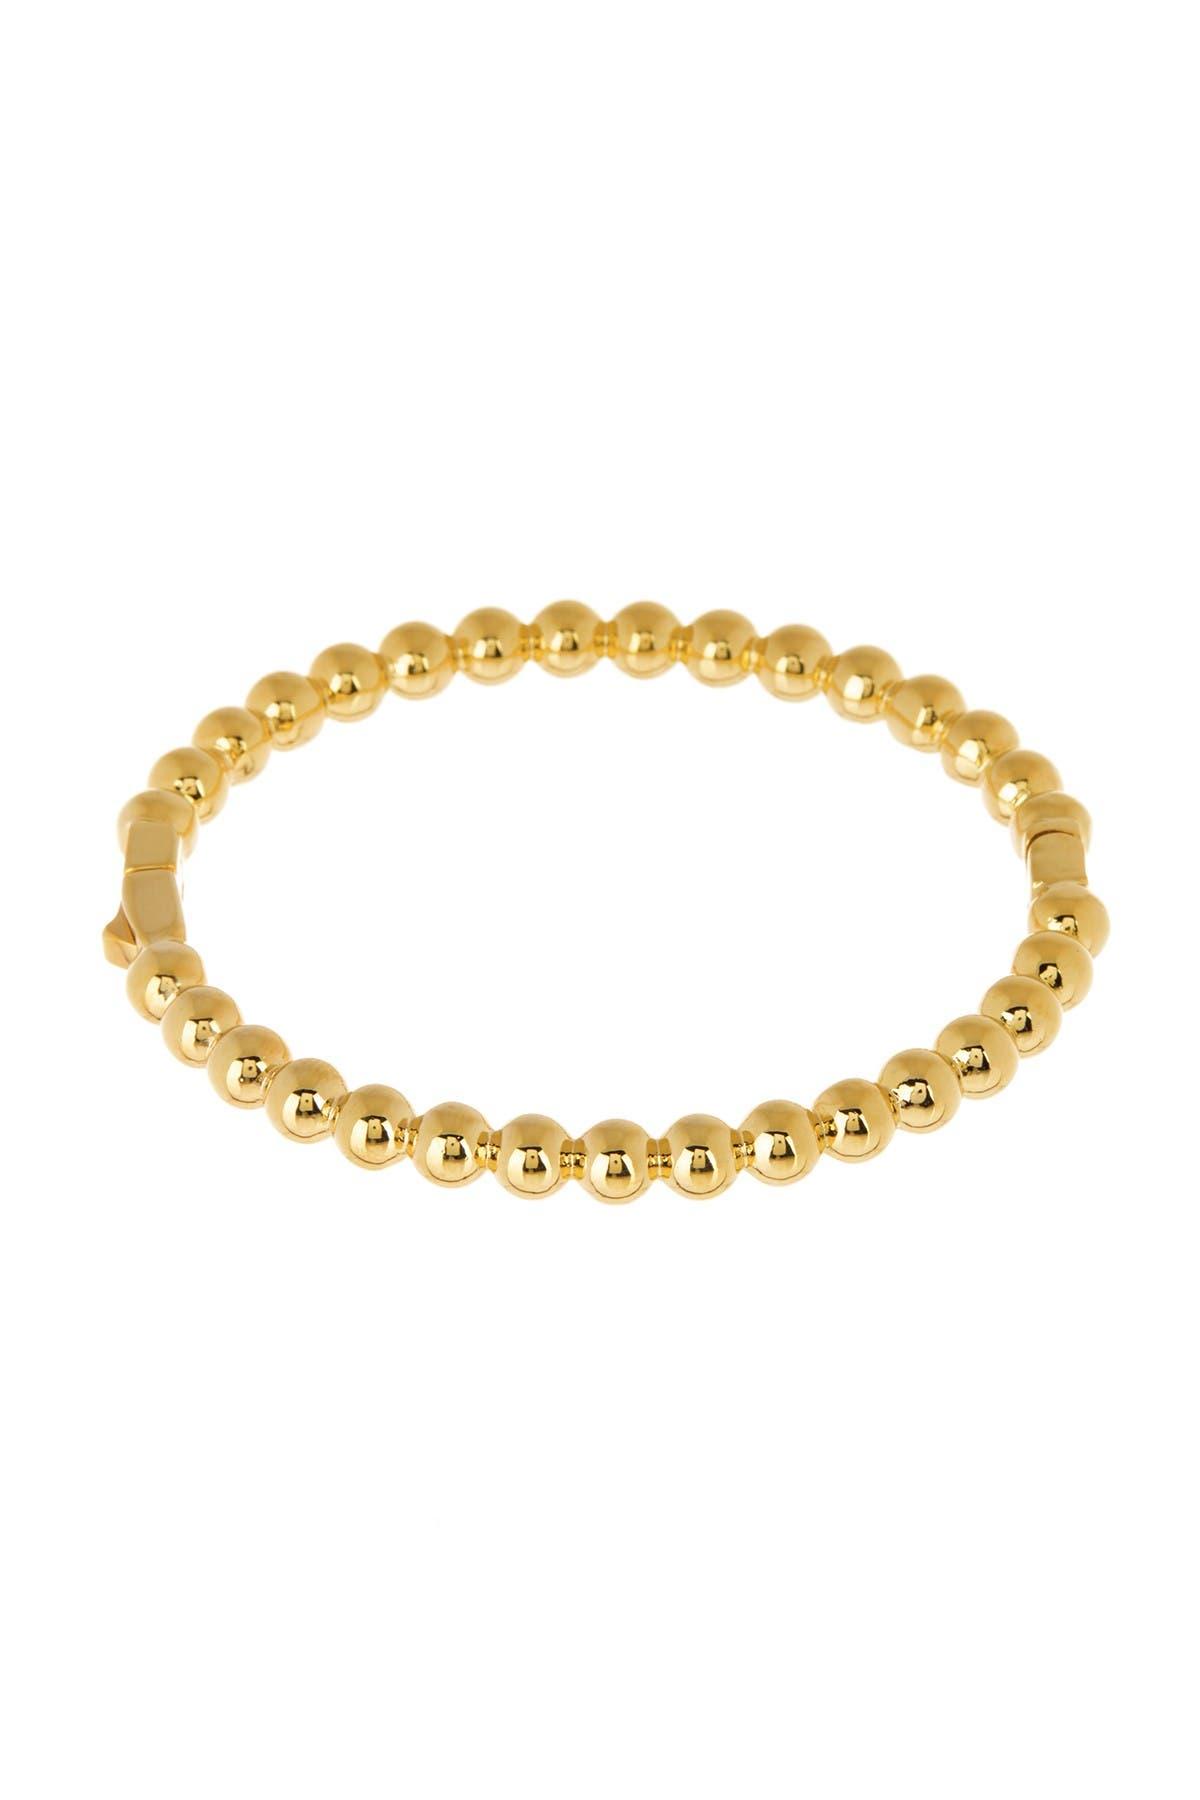 Image of kate spade new york golden girl hinge bracelet